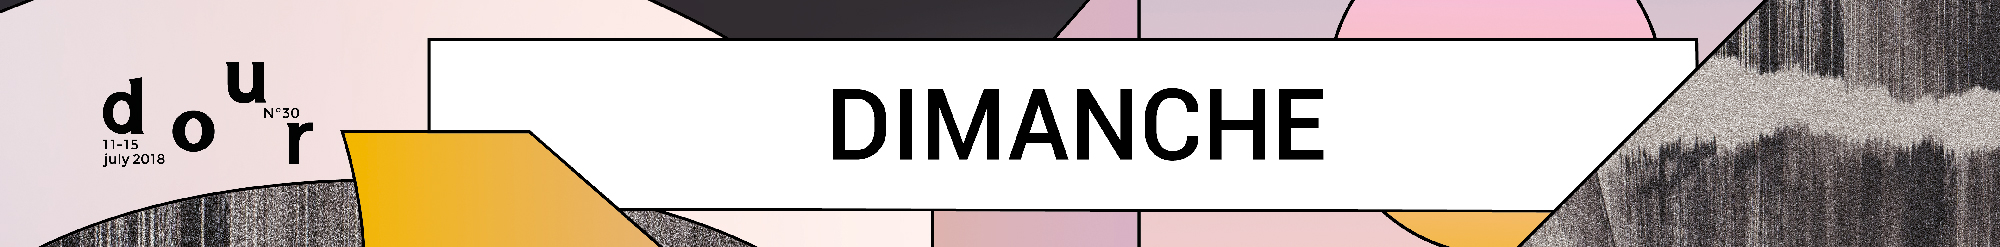 BANNER DIMANCHE